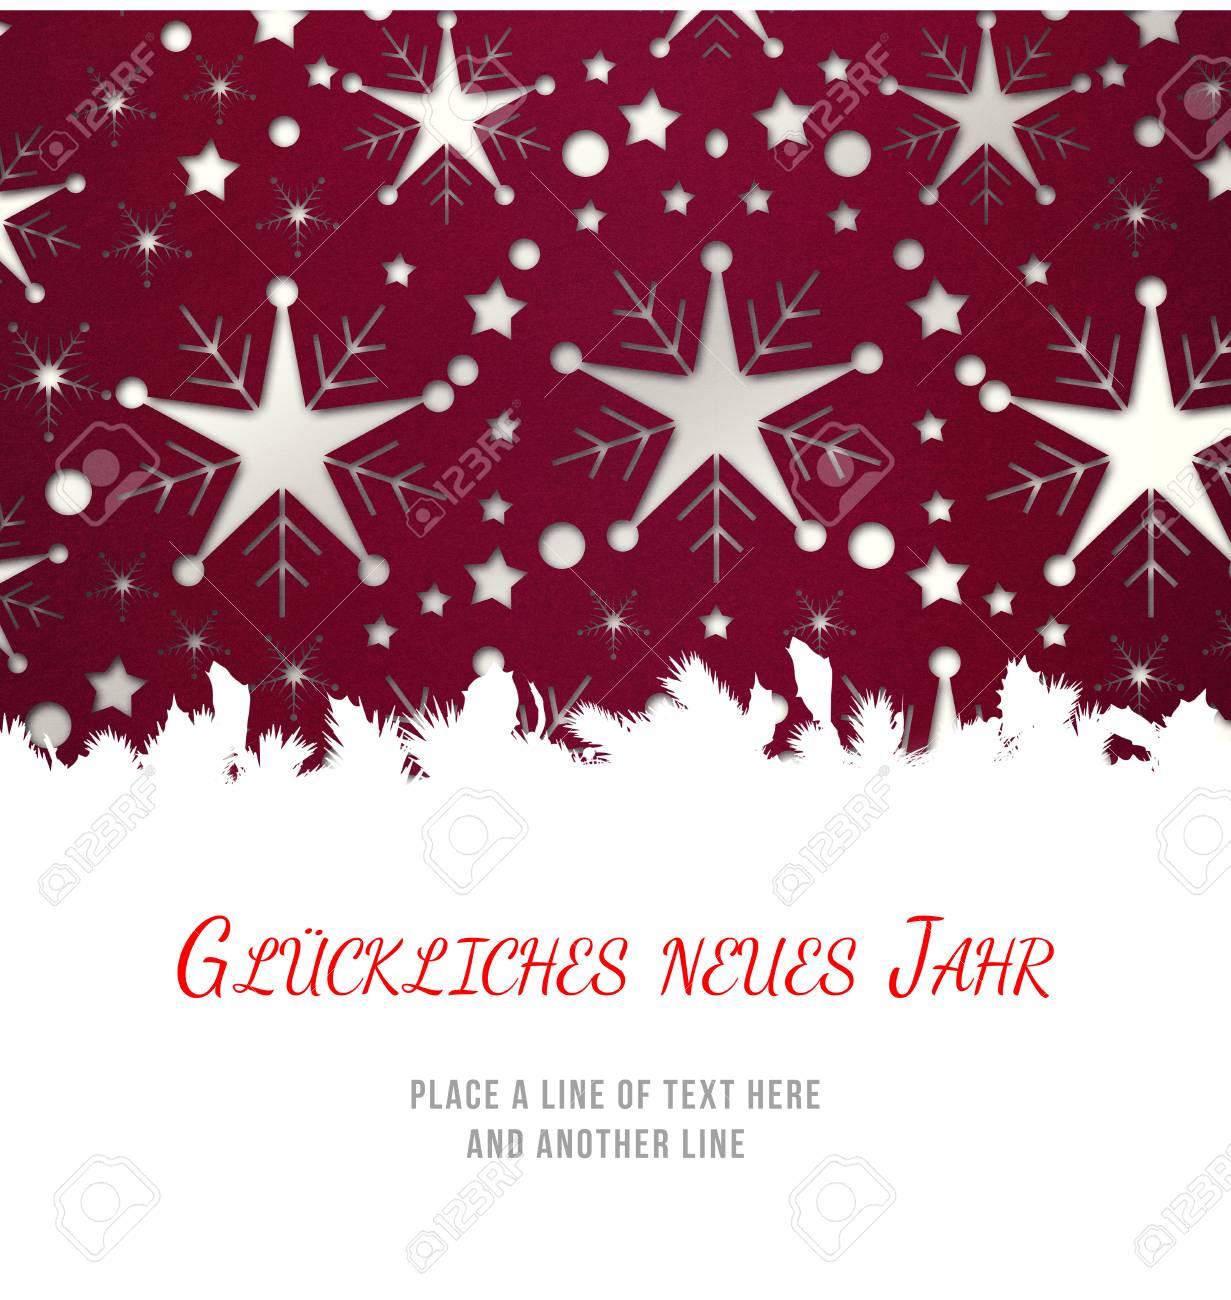 Christmas Greeting In German Against Snowflake Wallpaper Pattern